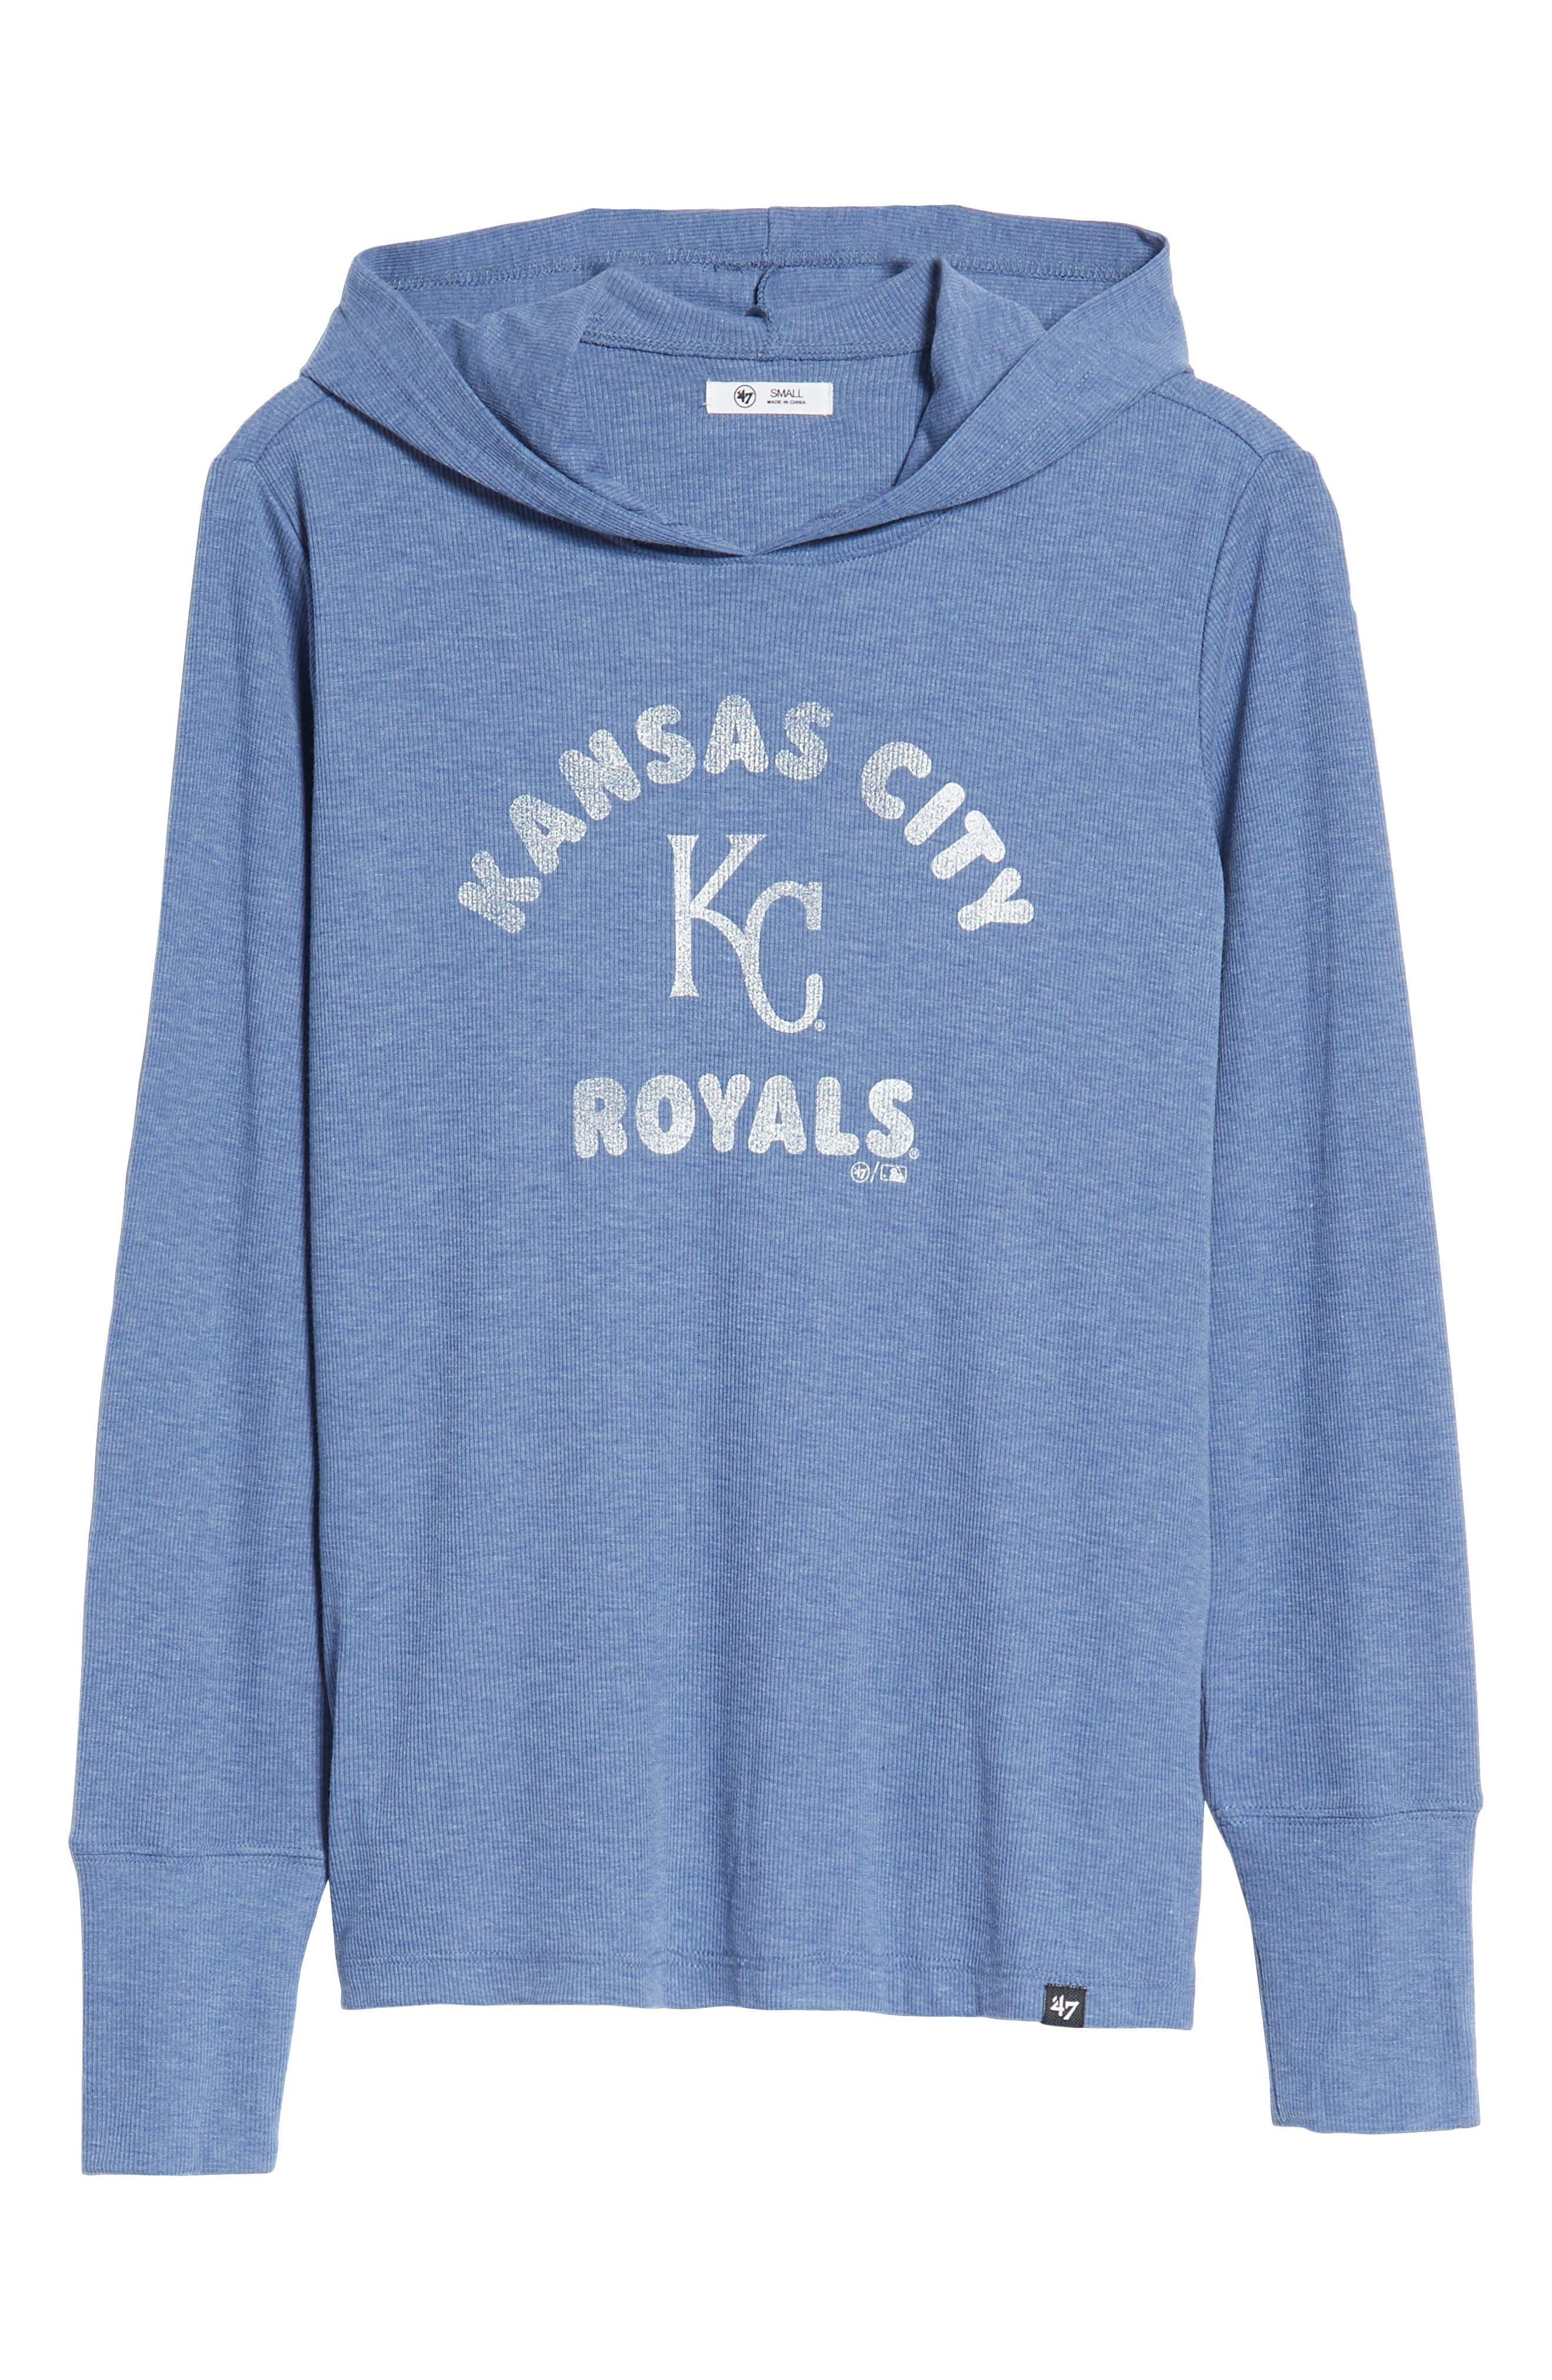 Campbell Kansas City Royals Rib Knit Hooded Top,                             Alternate thumbnail 7, color,